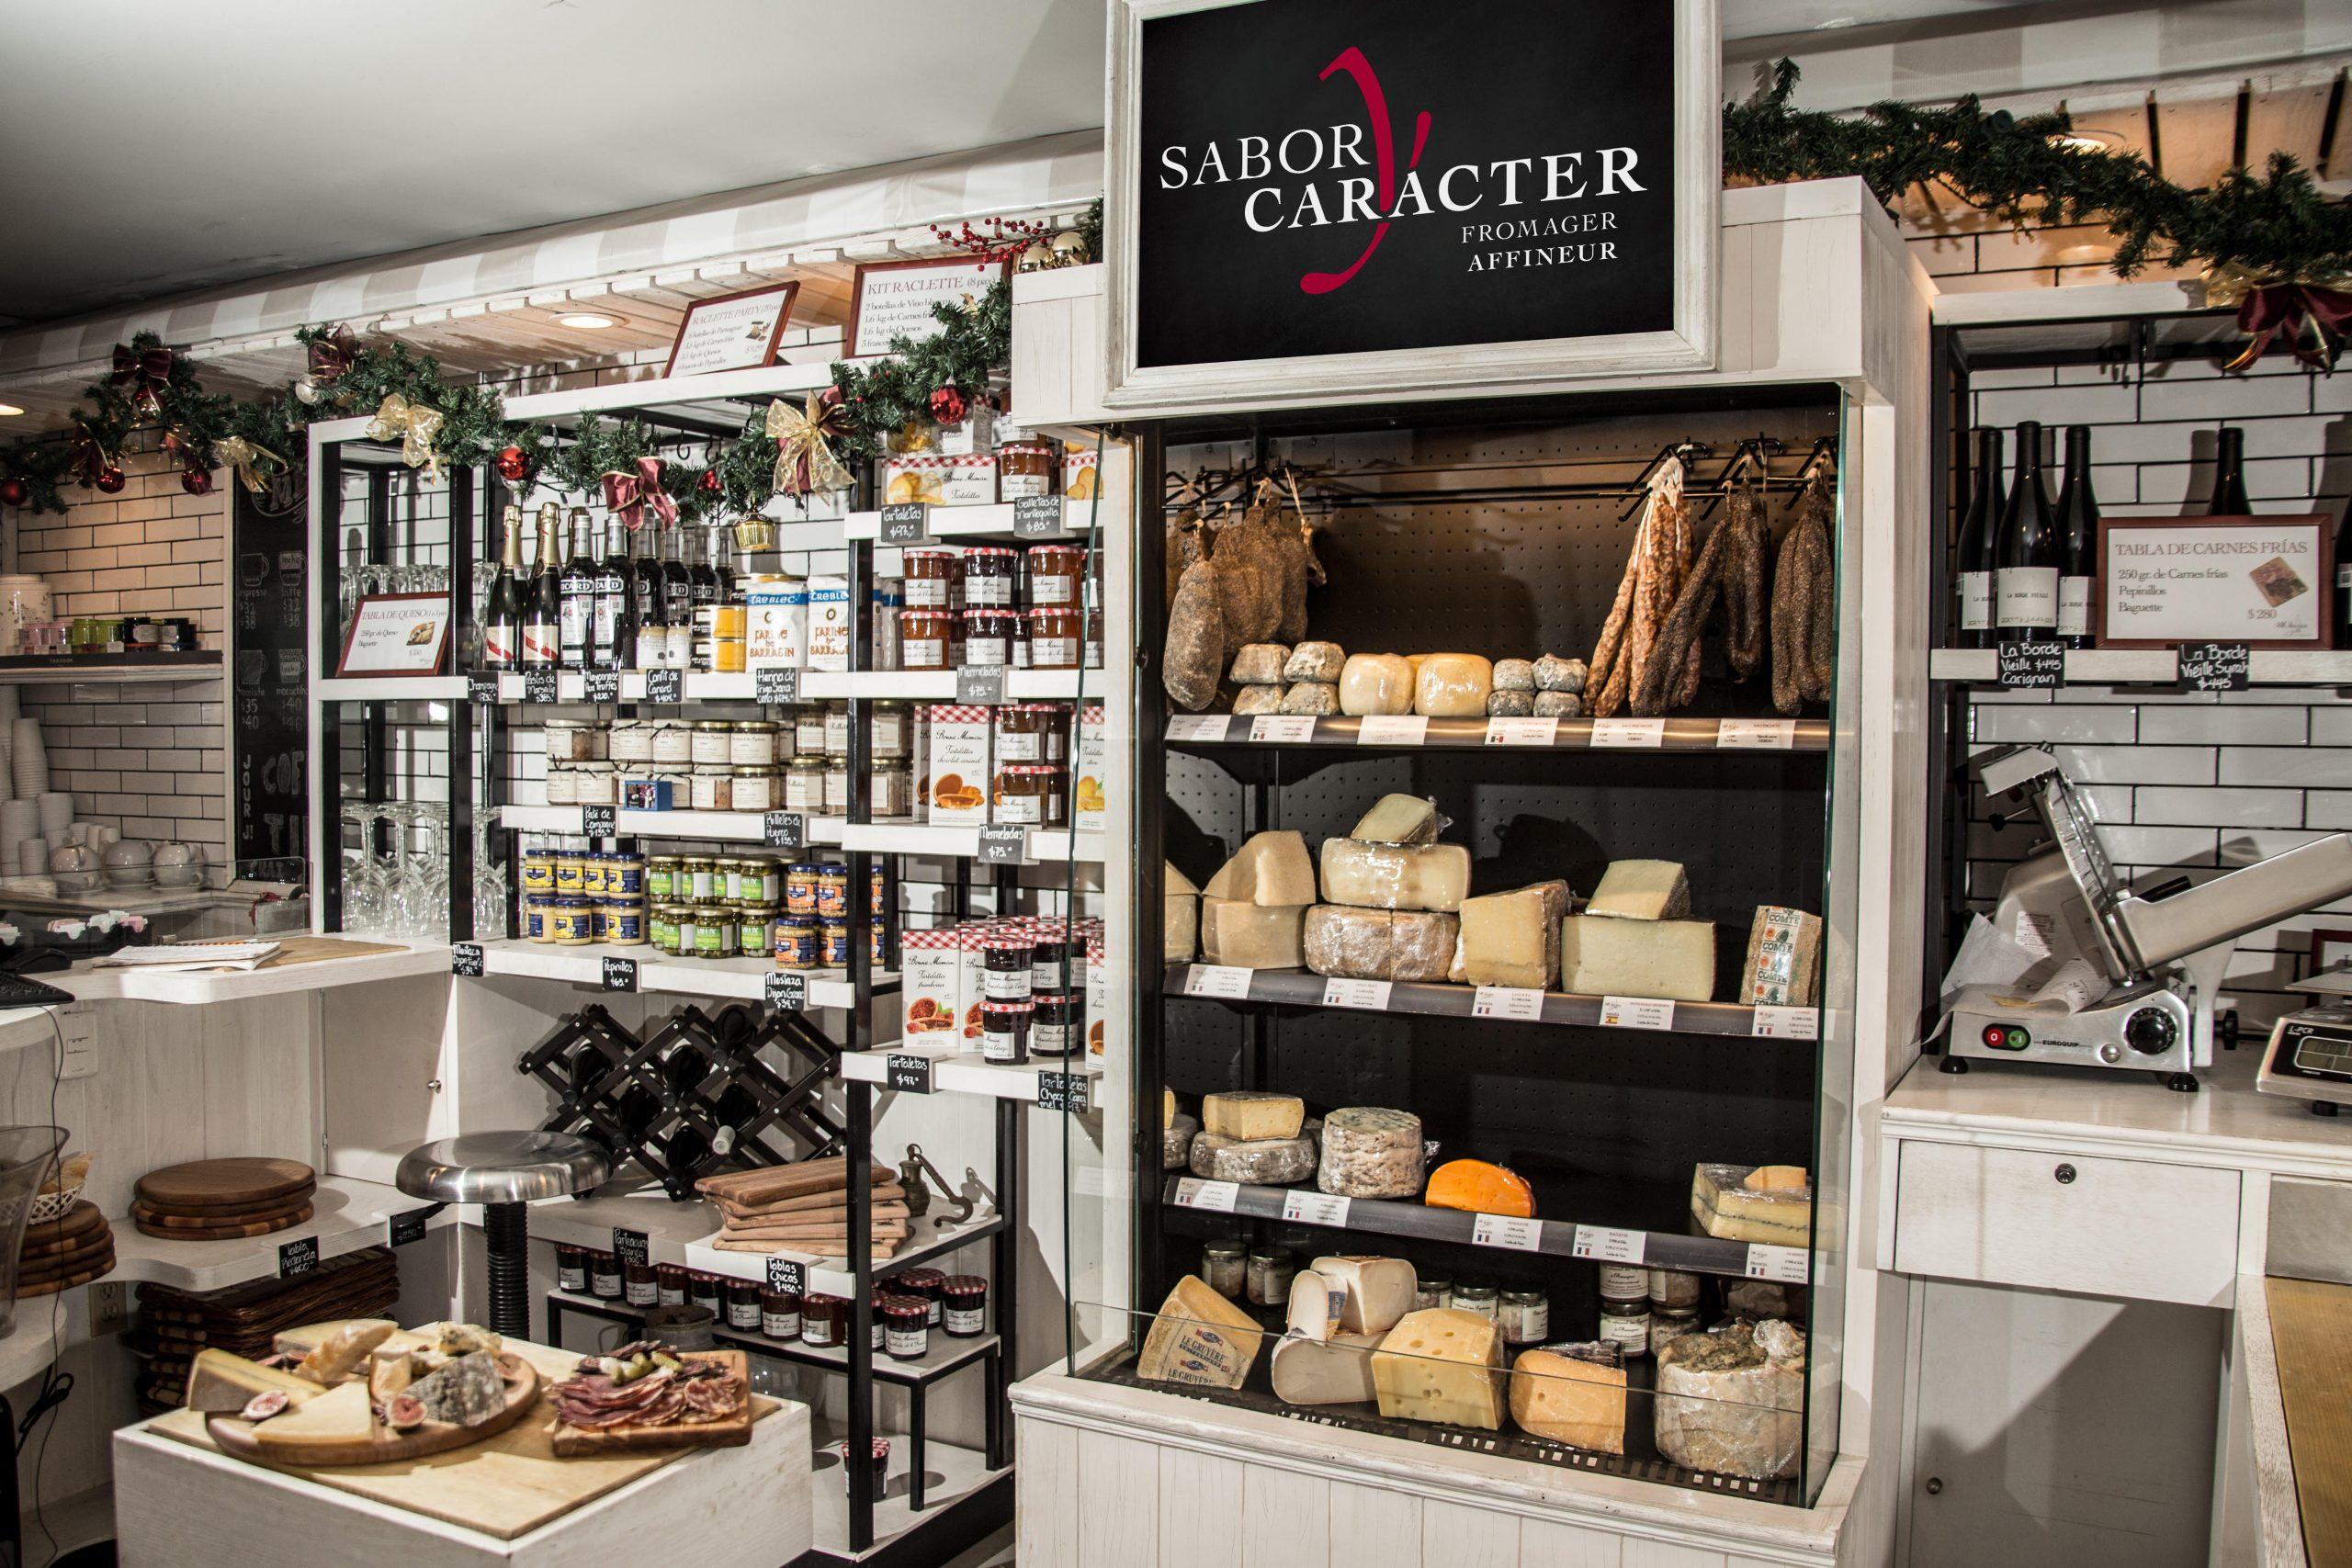 sabor-y-caracter-queso-gastronomia-gourmet-contacto-dumas-market-polanco-alejando-dumas